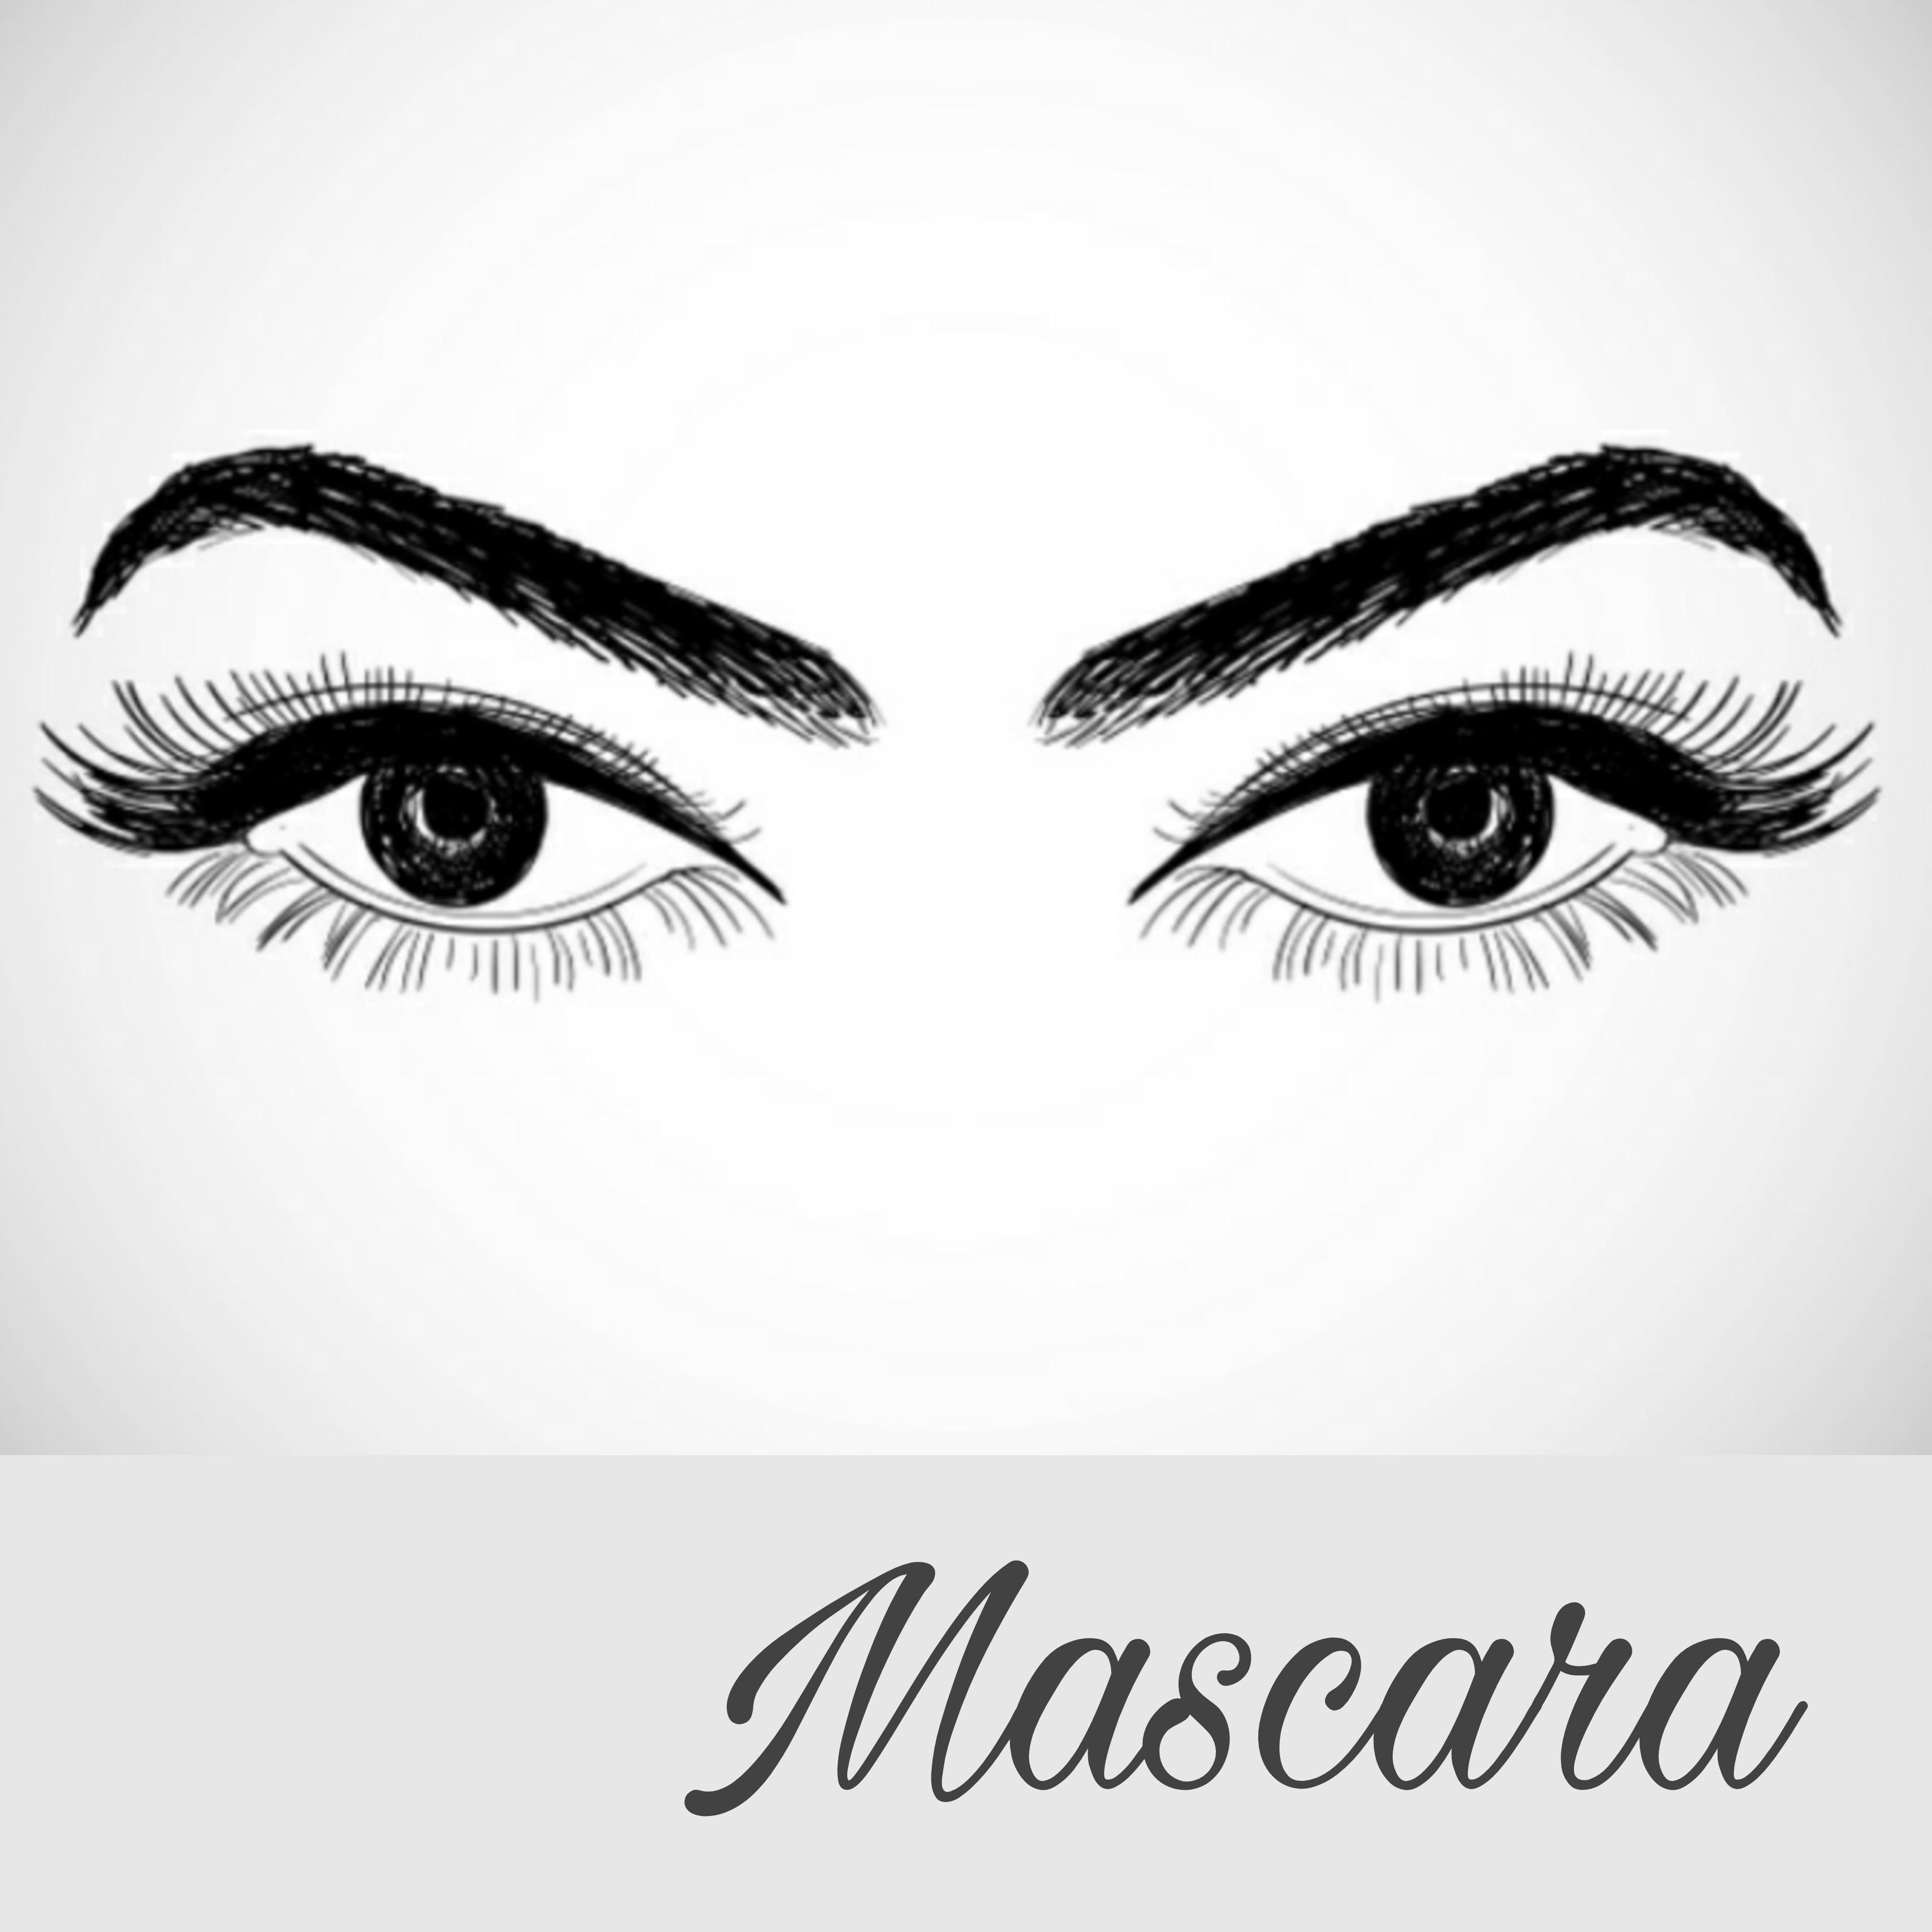 Μάσκαρα